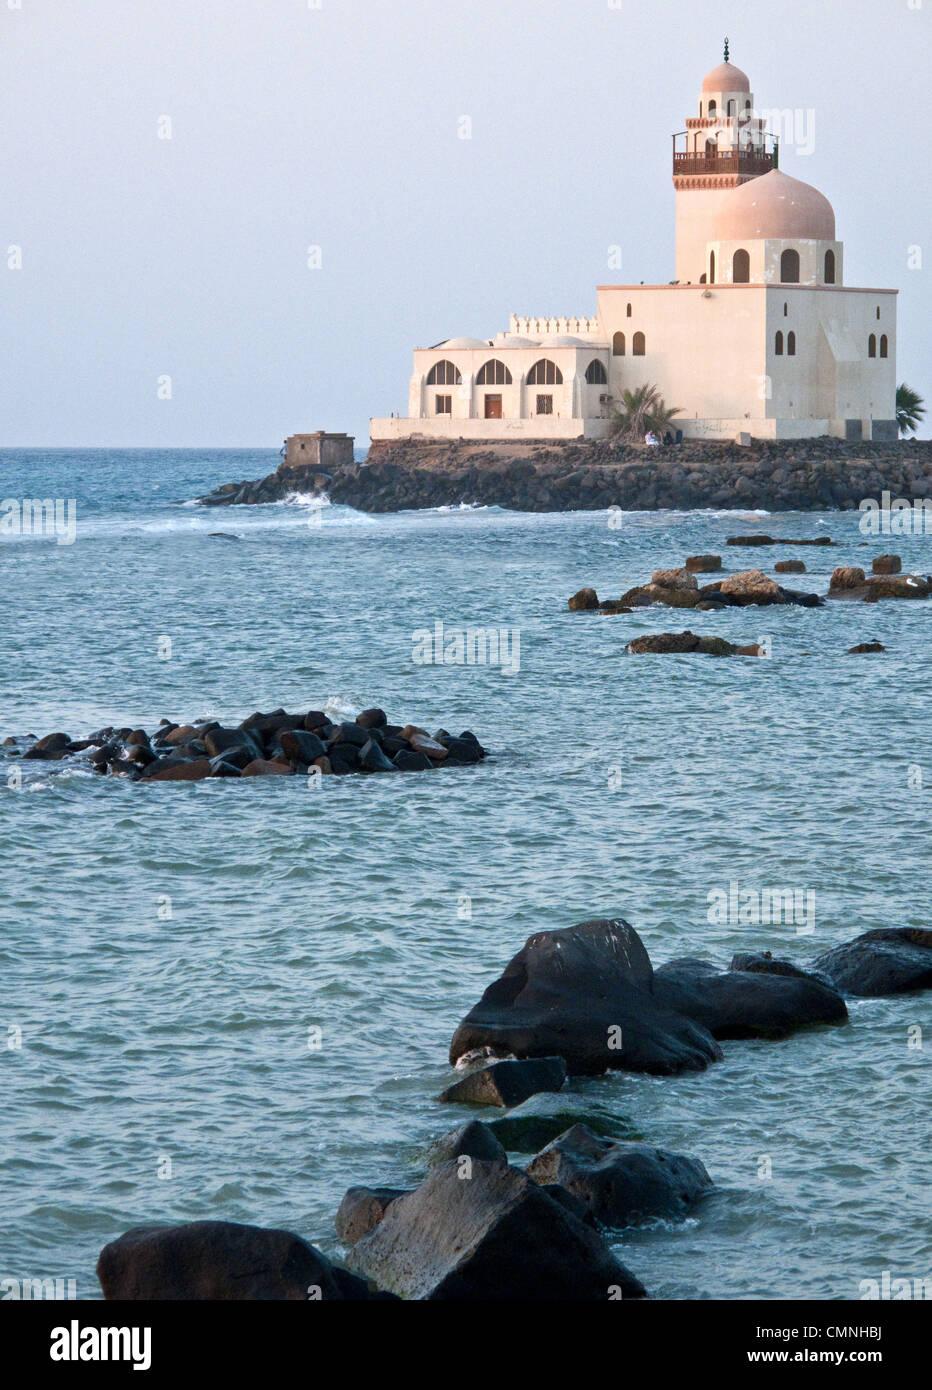 Asie Arabie Saoudite la mosquée sur le front de mer à Jeddah Photo Stock